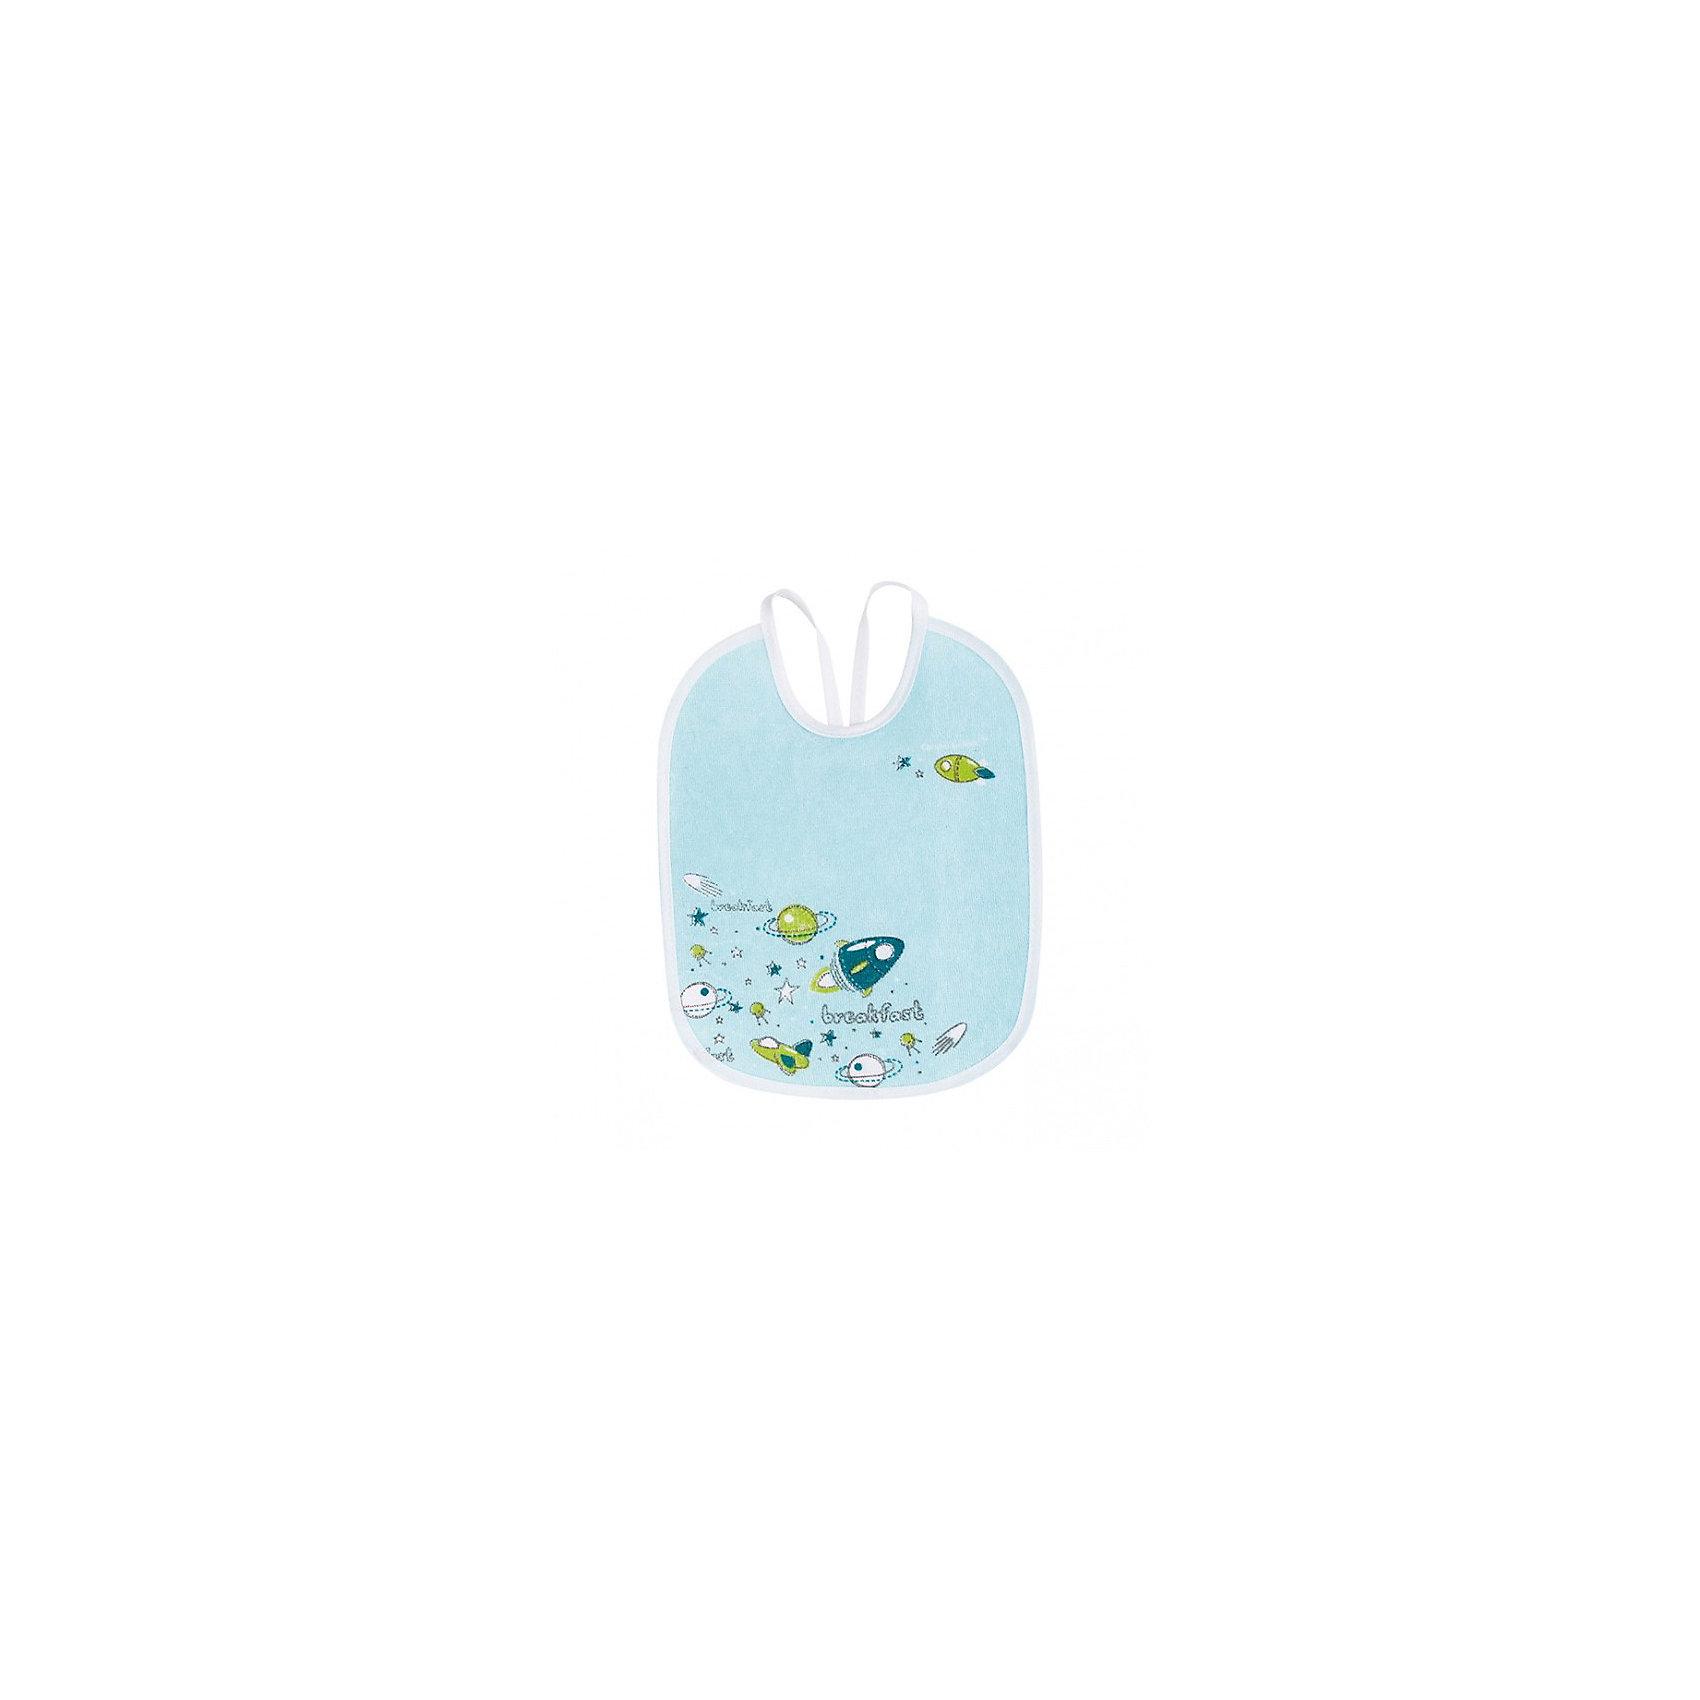 Нагрудник х/б махровый Машинки, 3 шт., Canpol BabiesМахровые нагрудники Canpol Babies  помогут защитить одежду ребенка во время кормления. Изготовлены из хлопка и обшиты ПЭВА пленкой. <br>Дополнительная информация:<br>- В комплекте: 3 нагрудника<br>- Материал: хлопок, ПЭВА пленка.<br>- Размер упаковки: 29,7 х 21 х 0,5 см.<br>- Вес: 47 гр.<br>Нагрудник махровый Canpol Babies  можно купить в нашем интернет-магазине.<br><br>Ширина мм: 5<br>Глубина мм: 297<br>Высота мм: 210<br>Вес г: 47<br>Возраст от месяцев: 0<br>Возраст до месяцев: 36<br>Пол: Мужской<br>Возраст: Детский<br>SKU: 3893843